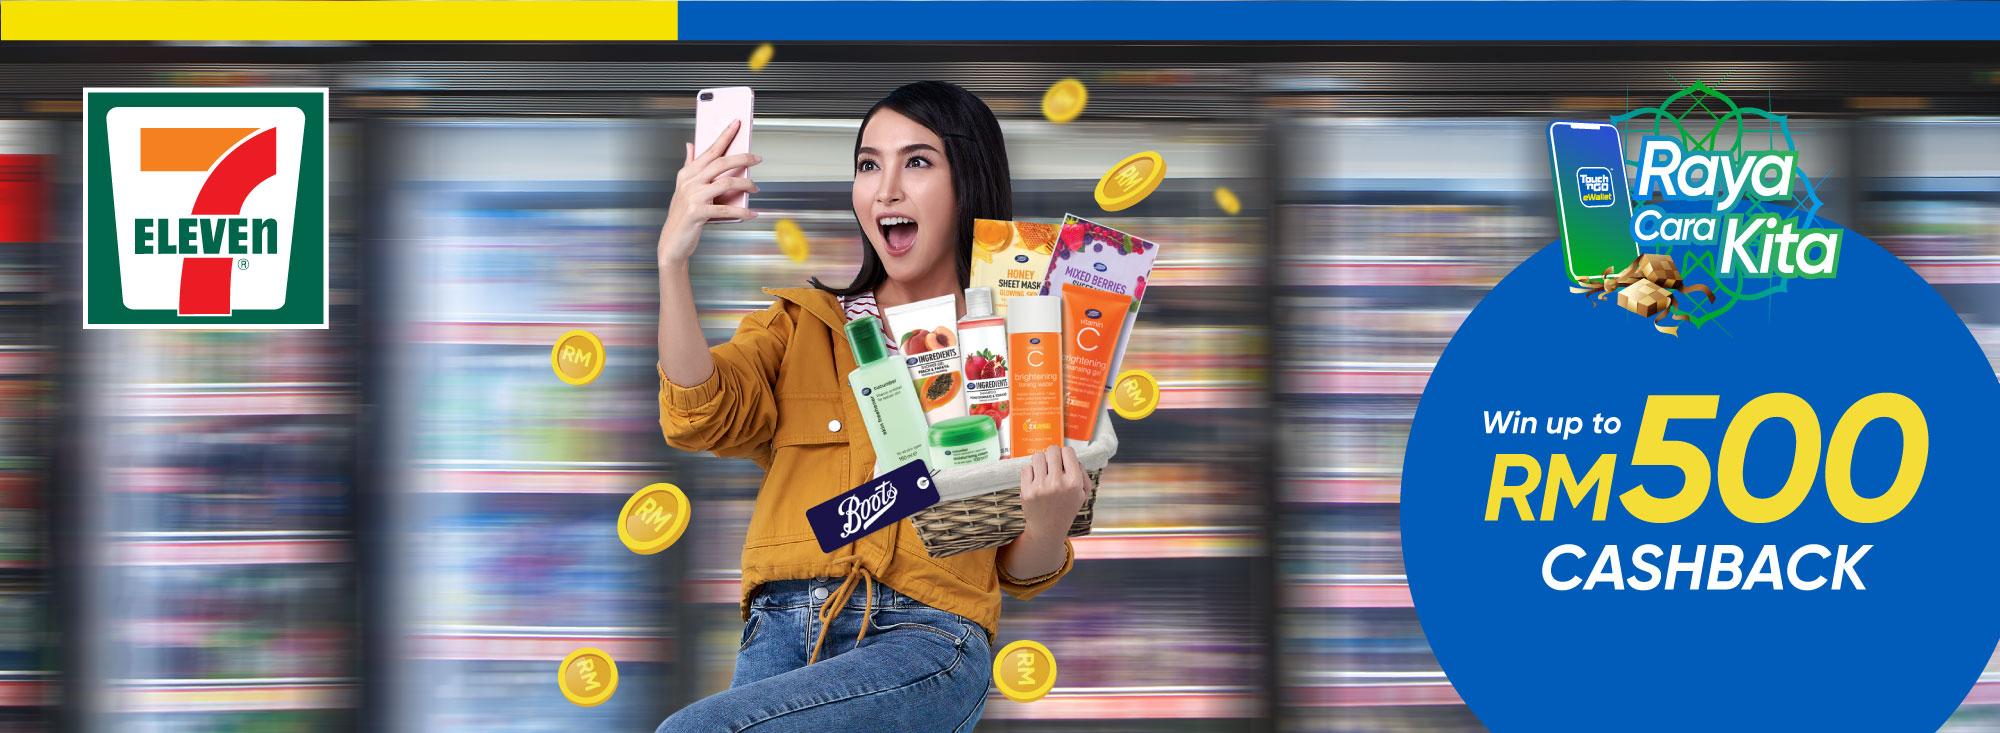 7-Eleven Kaya Raya Bergaya Promotion